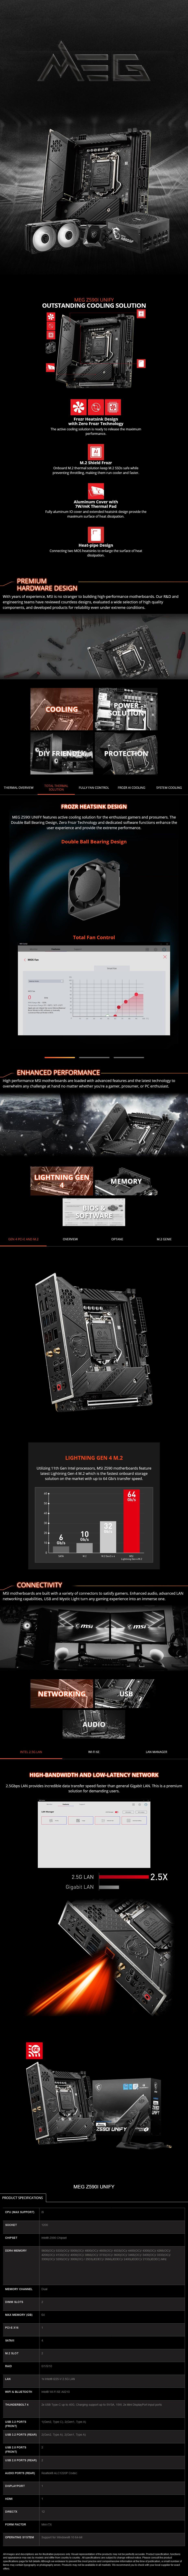 MSI MEG Z590I UNIFY LGA 1200 Mini-ITX Motherboard - Overview 1